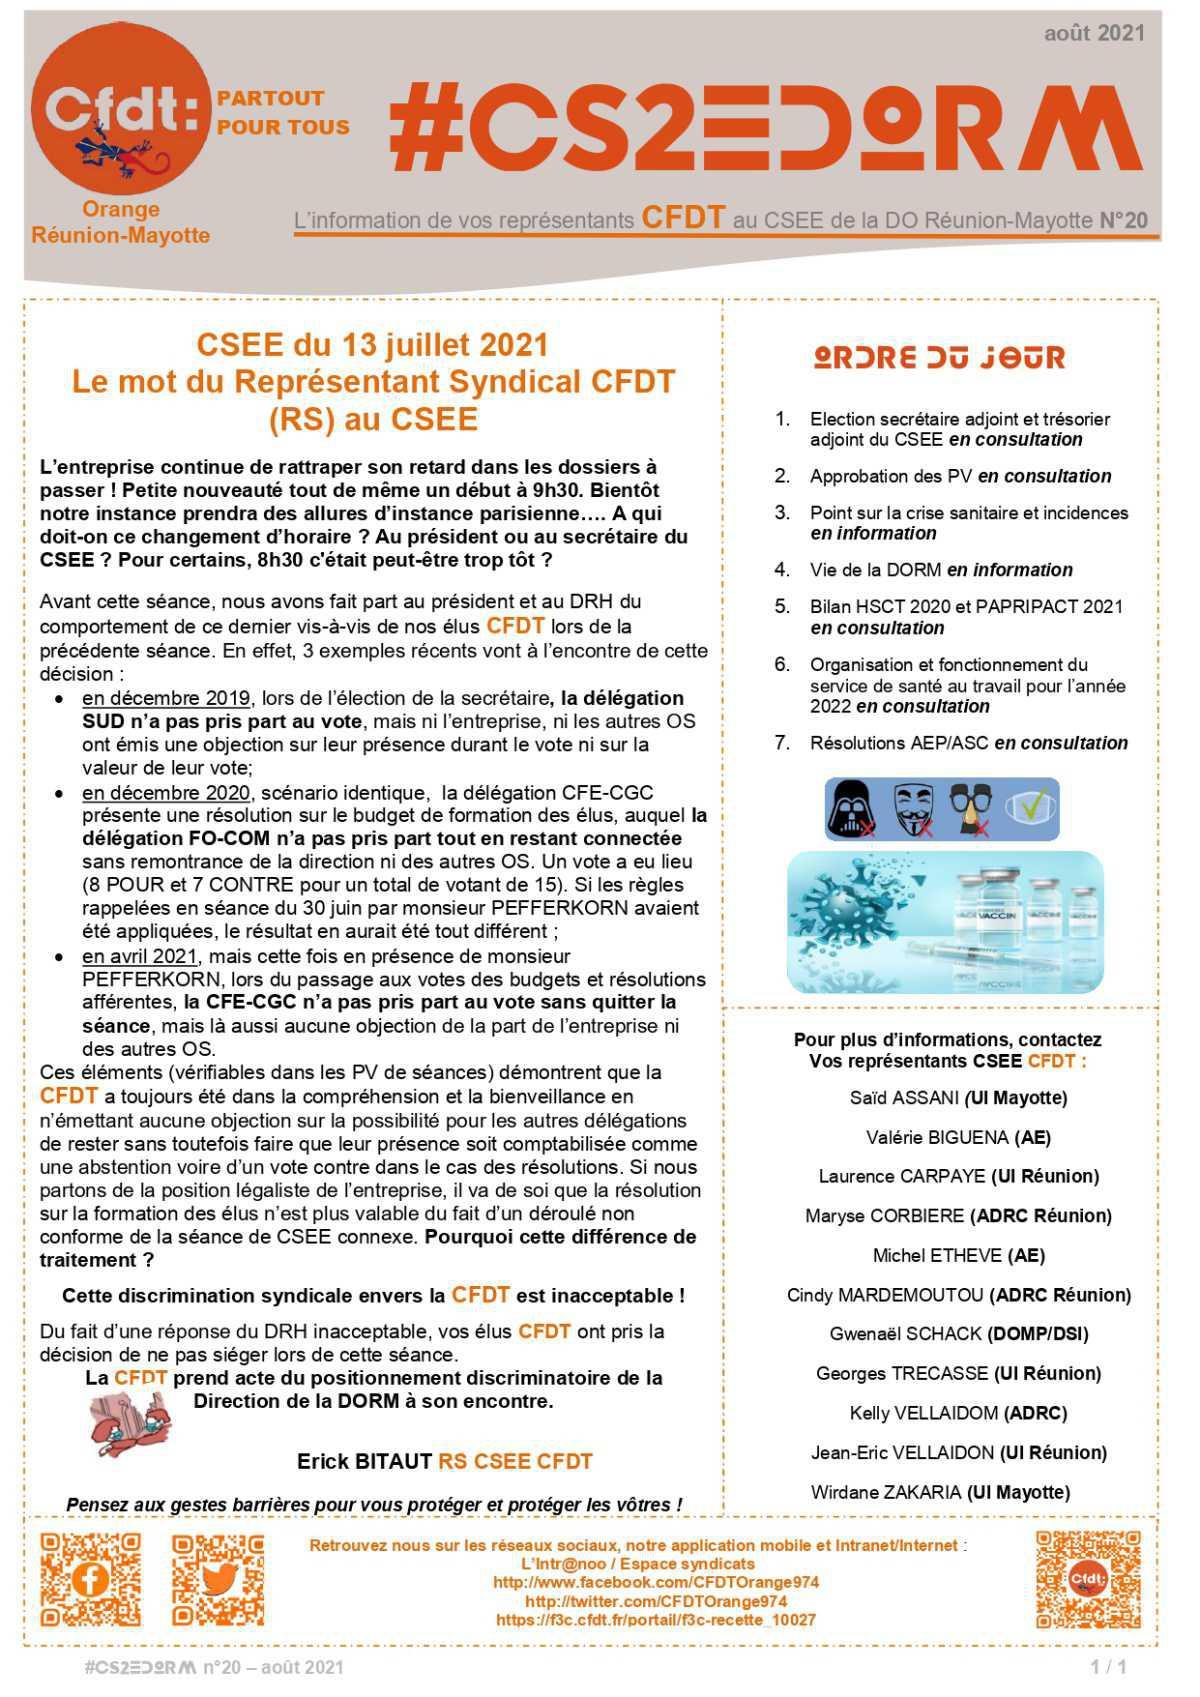 #CS2EDORM n°20 - La CFDT victime de discrimination Syndicale!